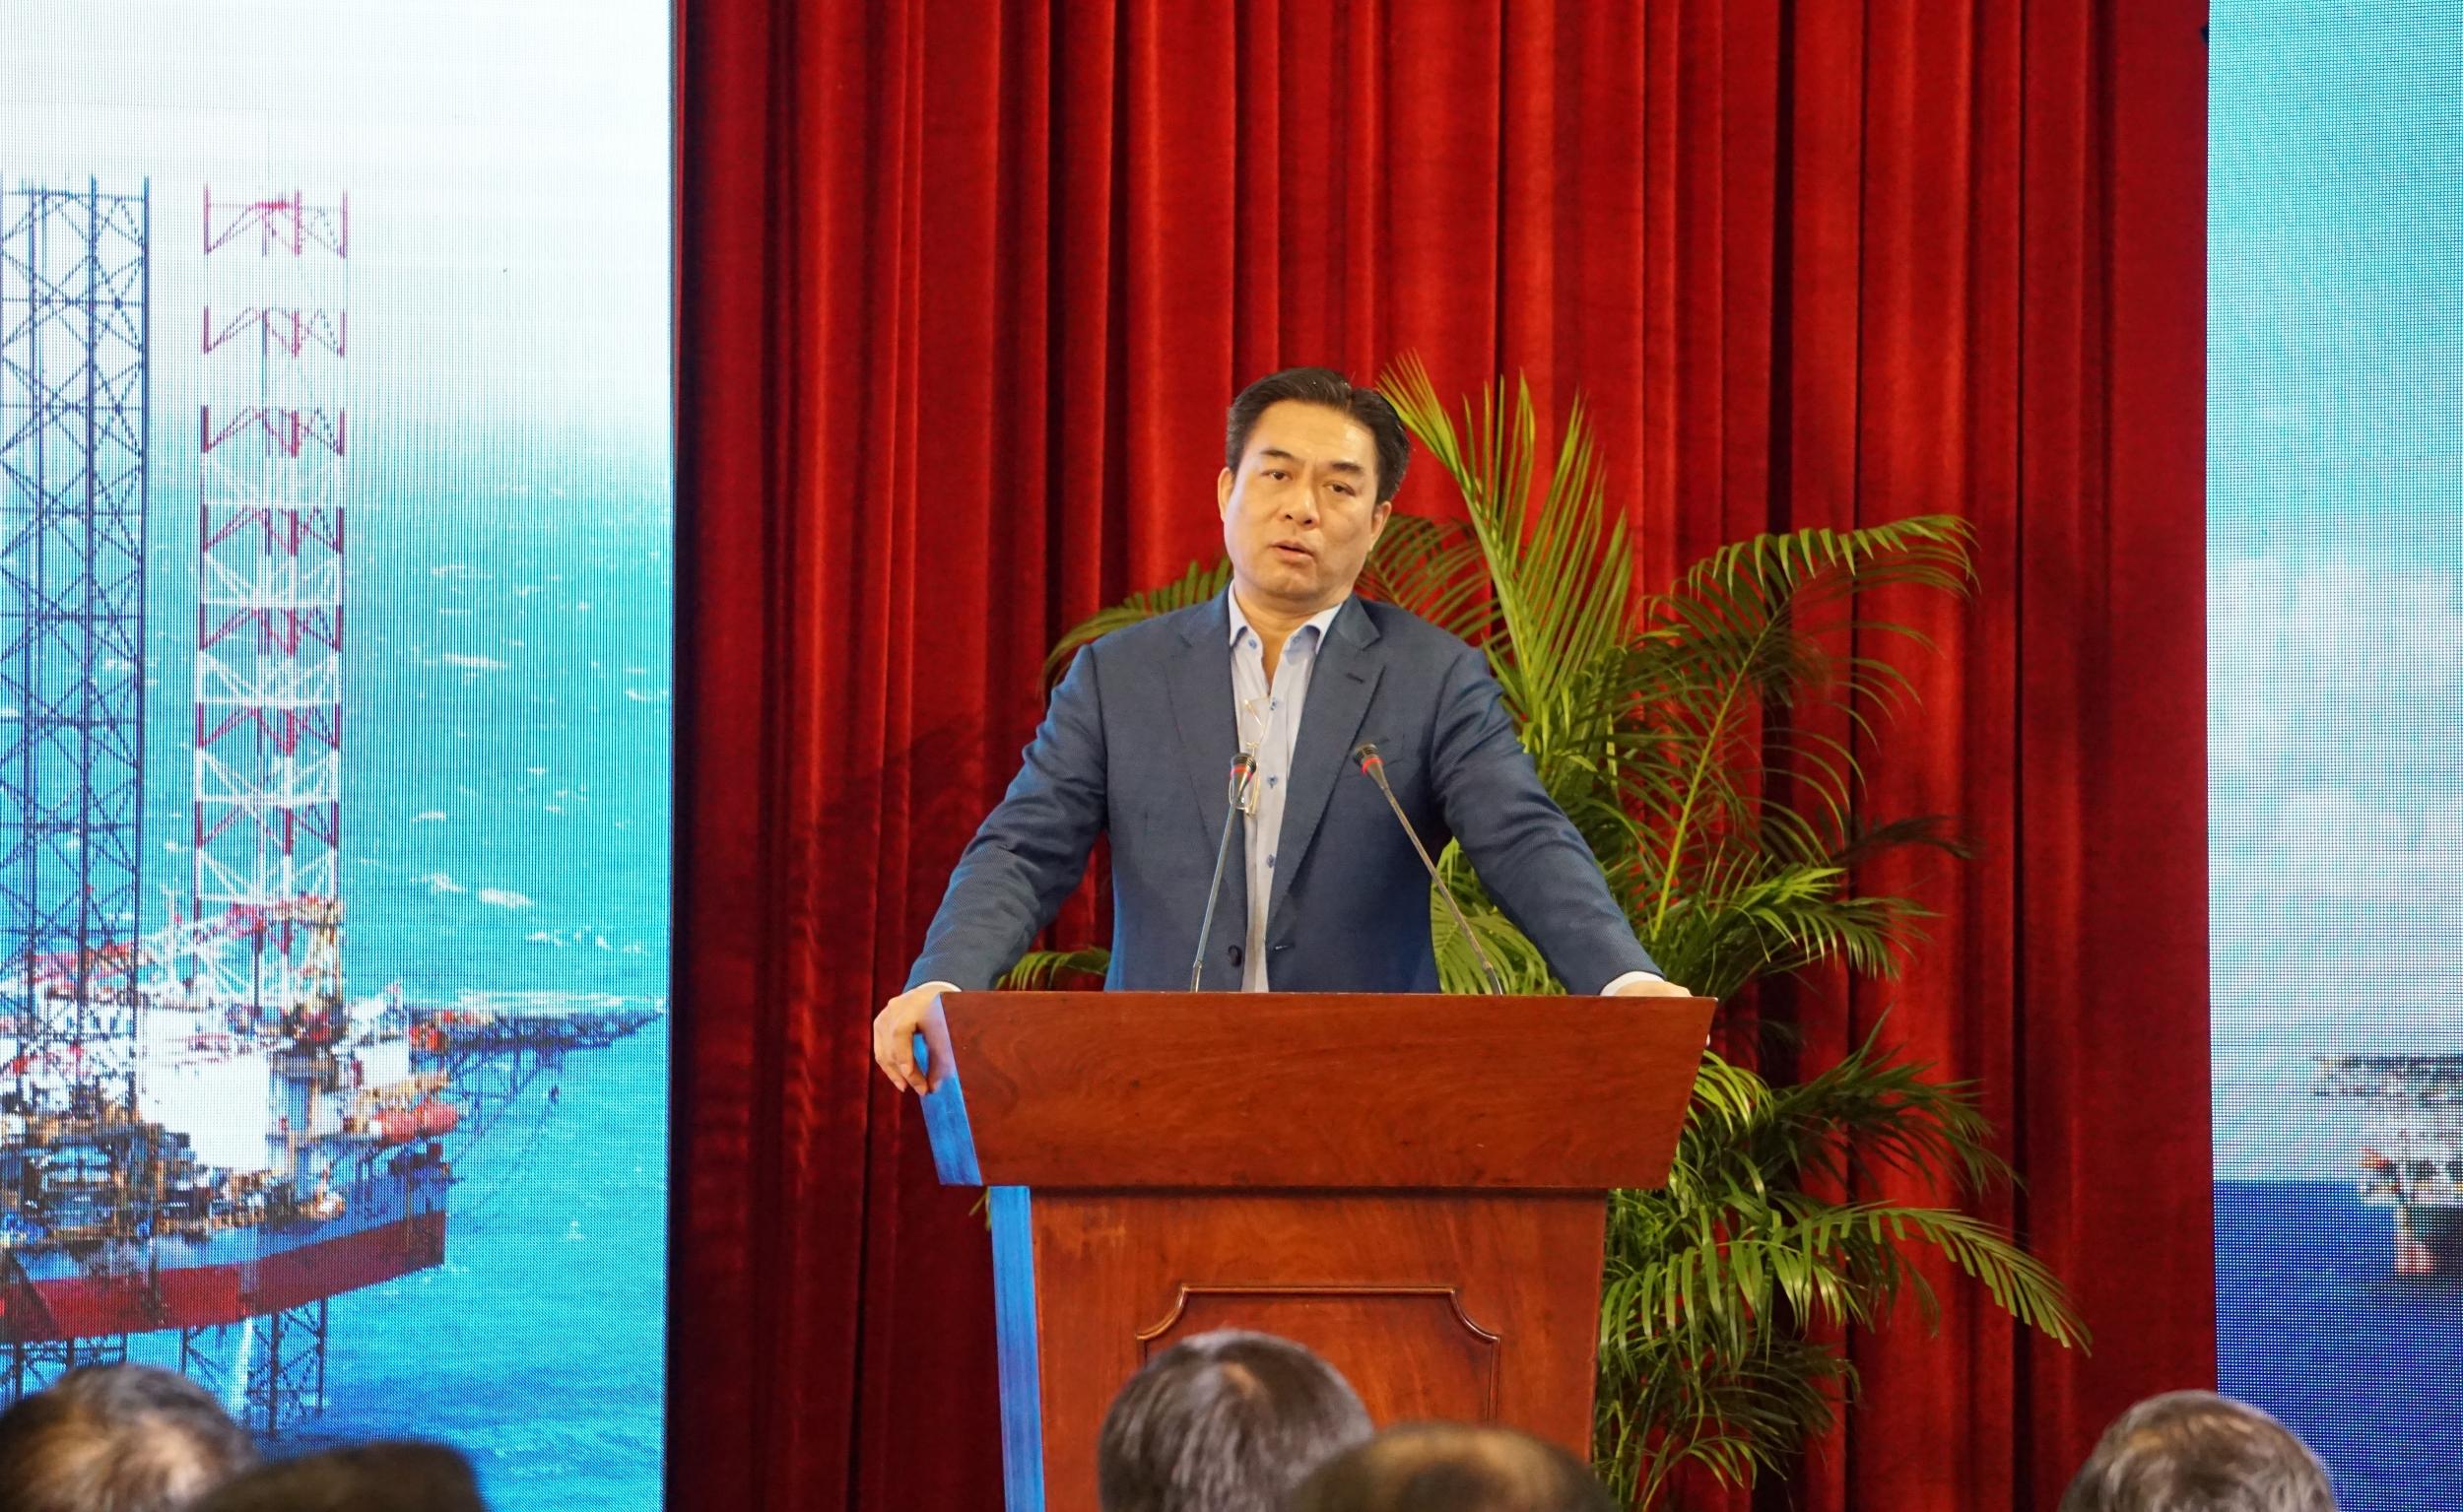 Đồng chí Phạm Tiến Dũng - Phó Tổng giám đốc Tập đoàn, Chủ tịch HĐQT PV Drilling phát biểu